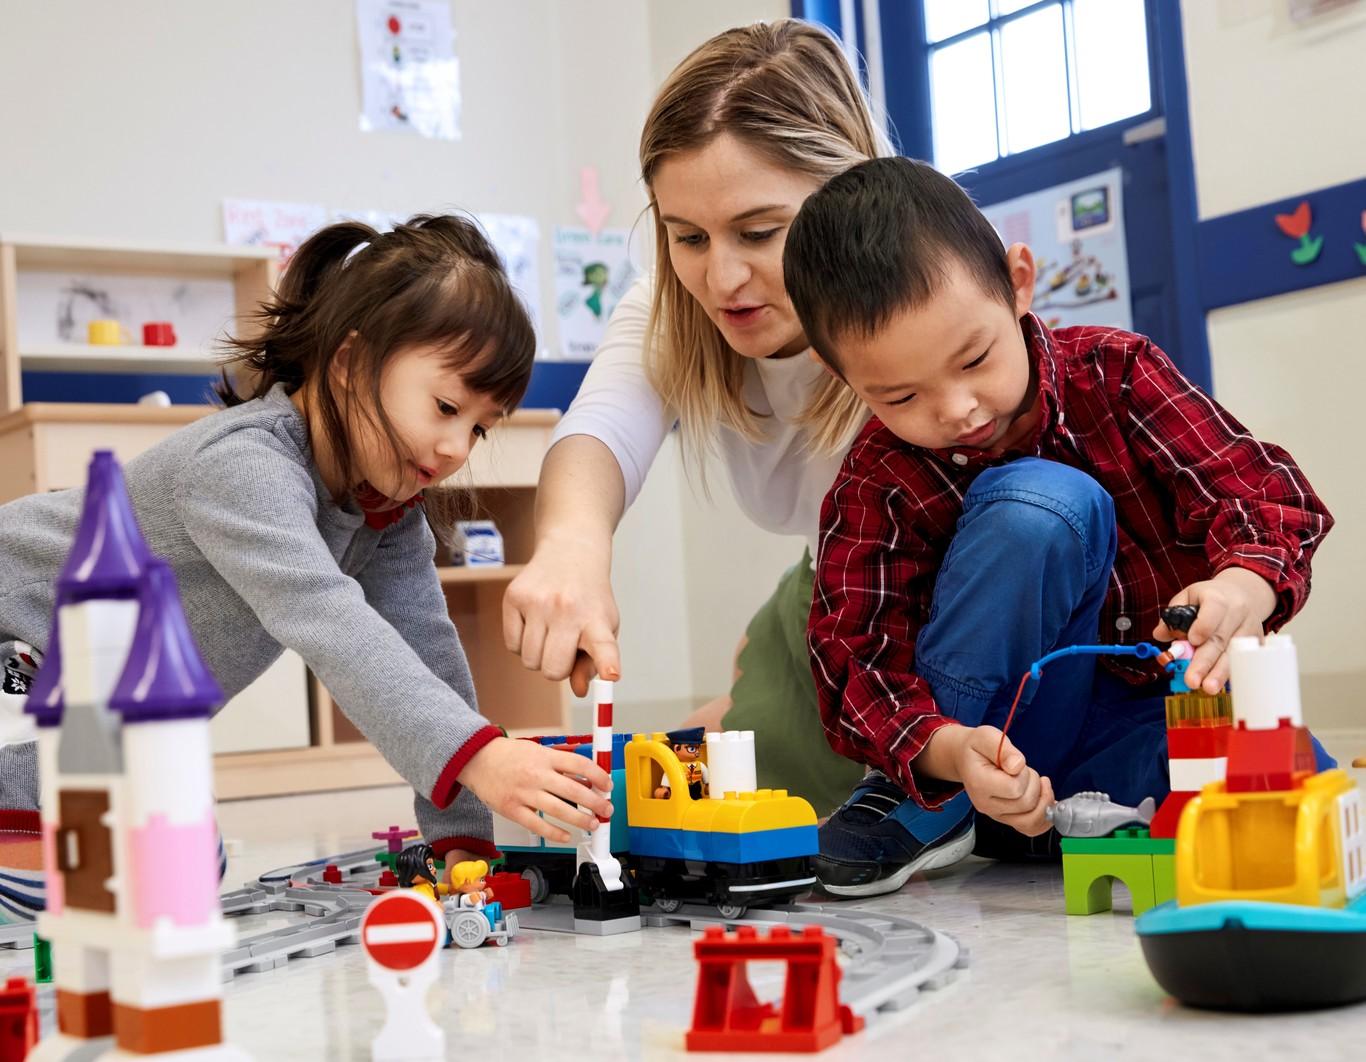 Lego Coding Express: si tienes 2 años ya puedes empezar a programar jugando con un tren